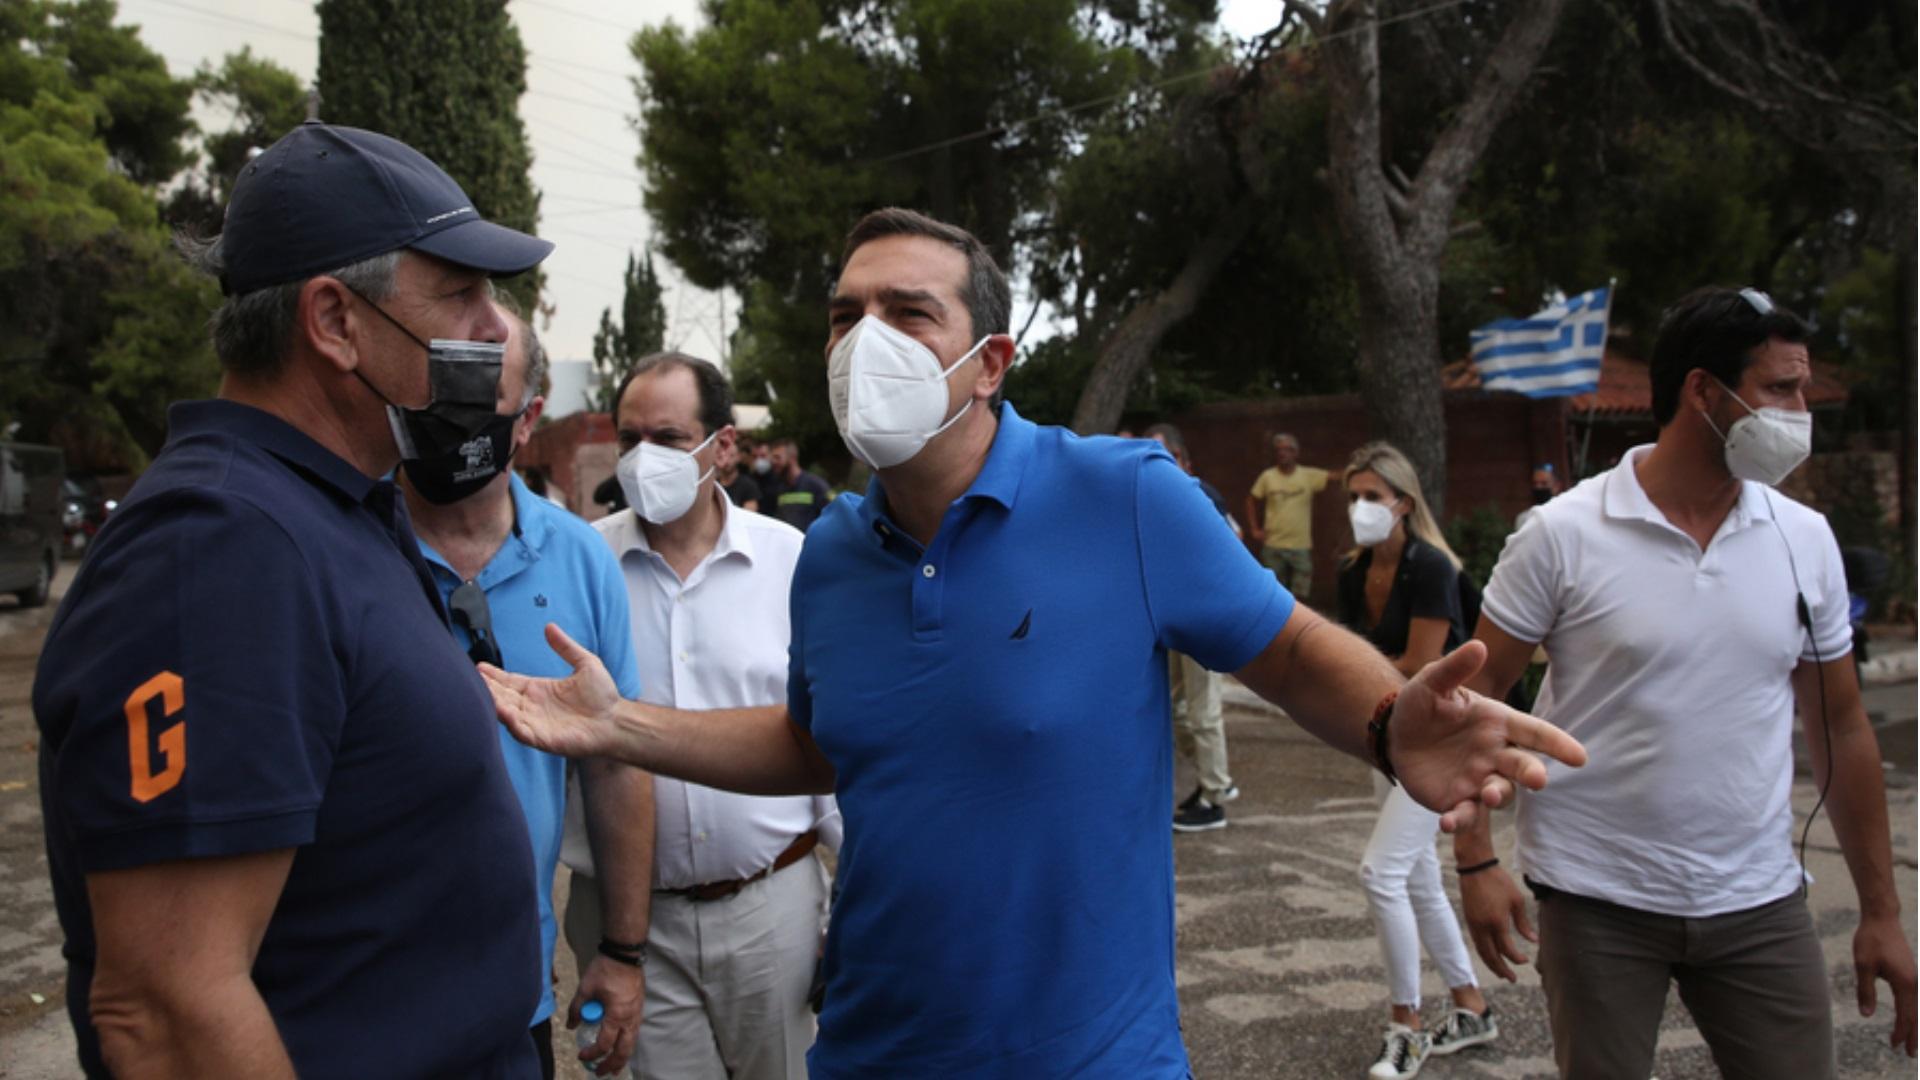 Φωτιές στην Αττική: Στο Κρυονέρι ο Αλέξης Τσίπρας – «Ολόψυχα κουράγιο»